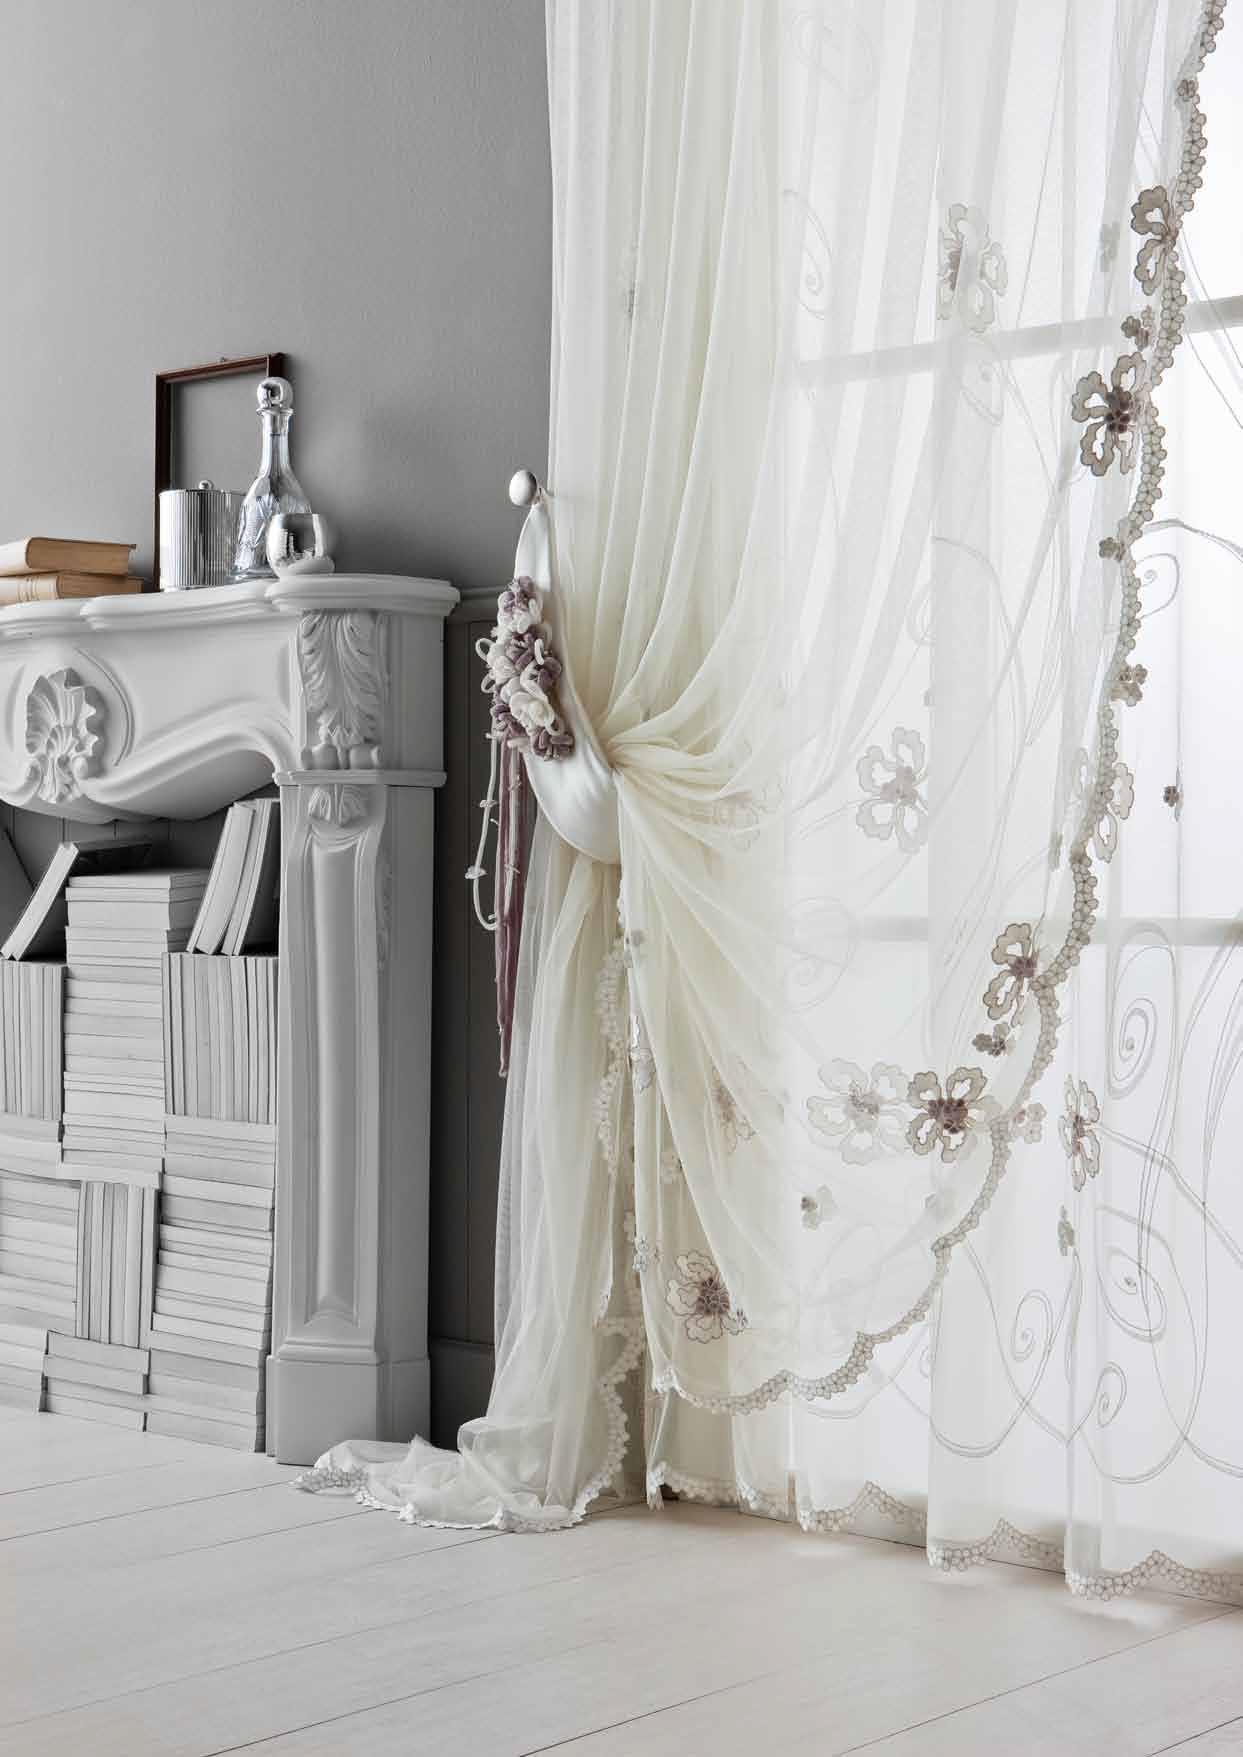 Tendaggi immagini 28 images oltre 25 fantastiche idee - Gaggioli mobili roma ...